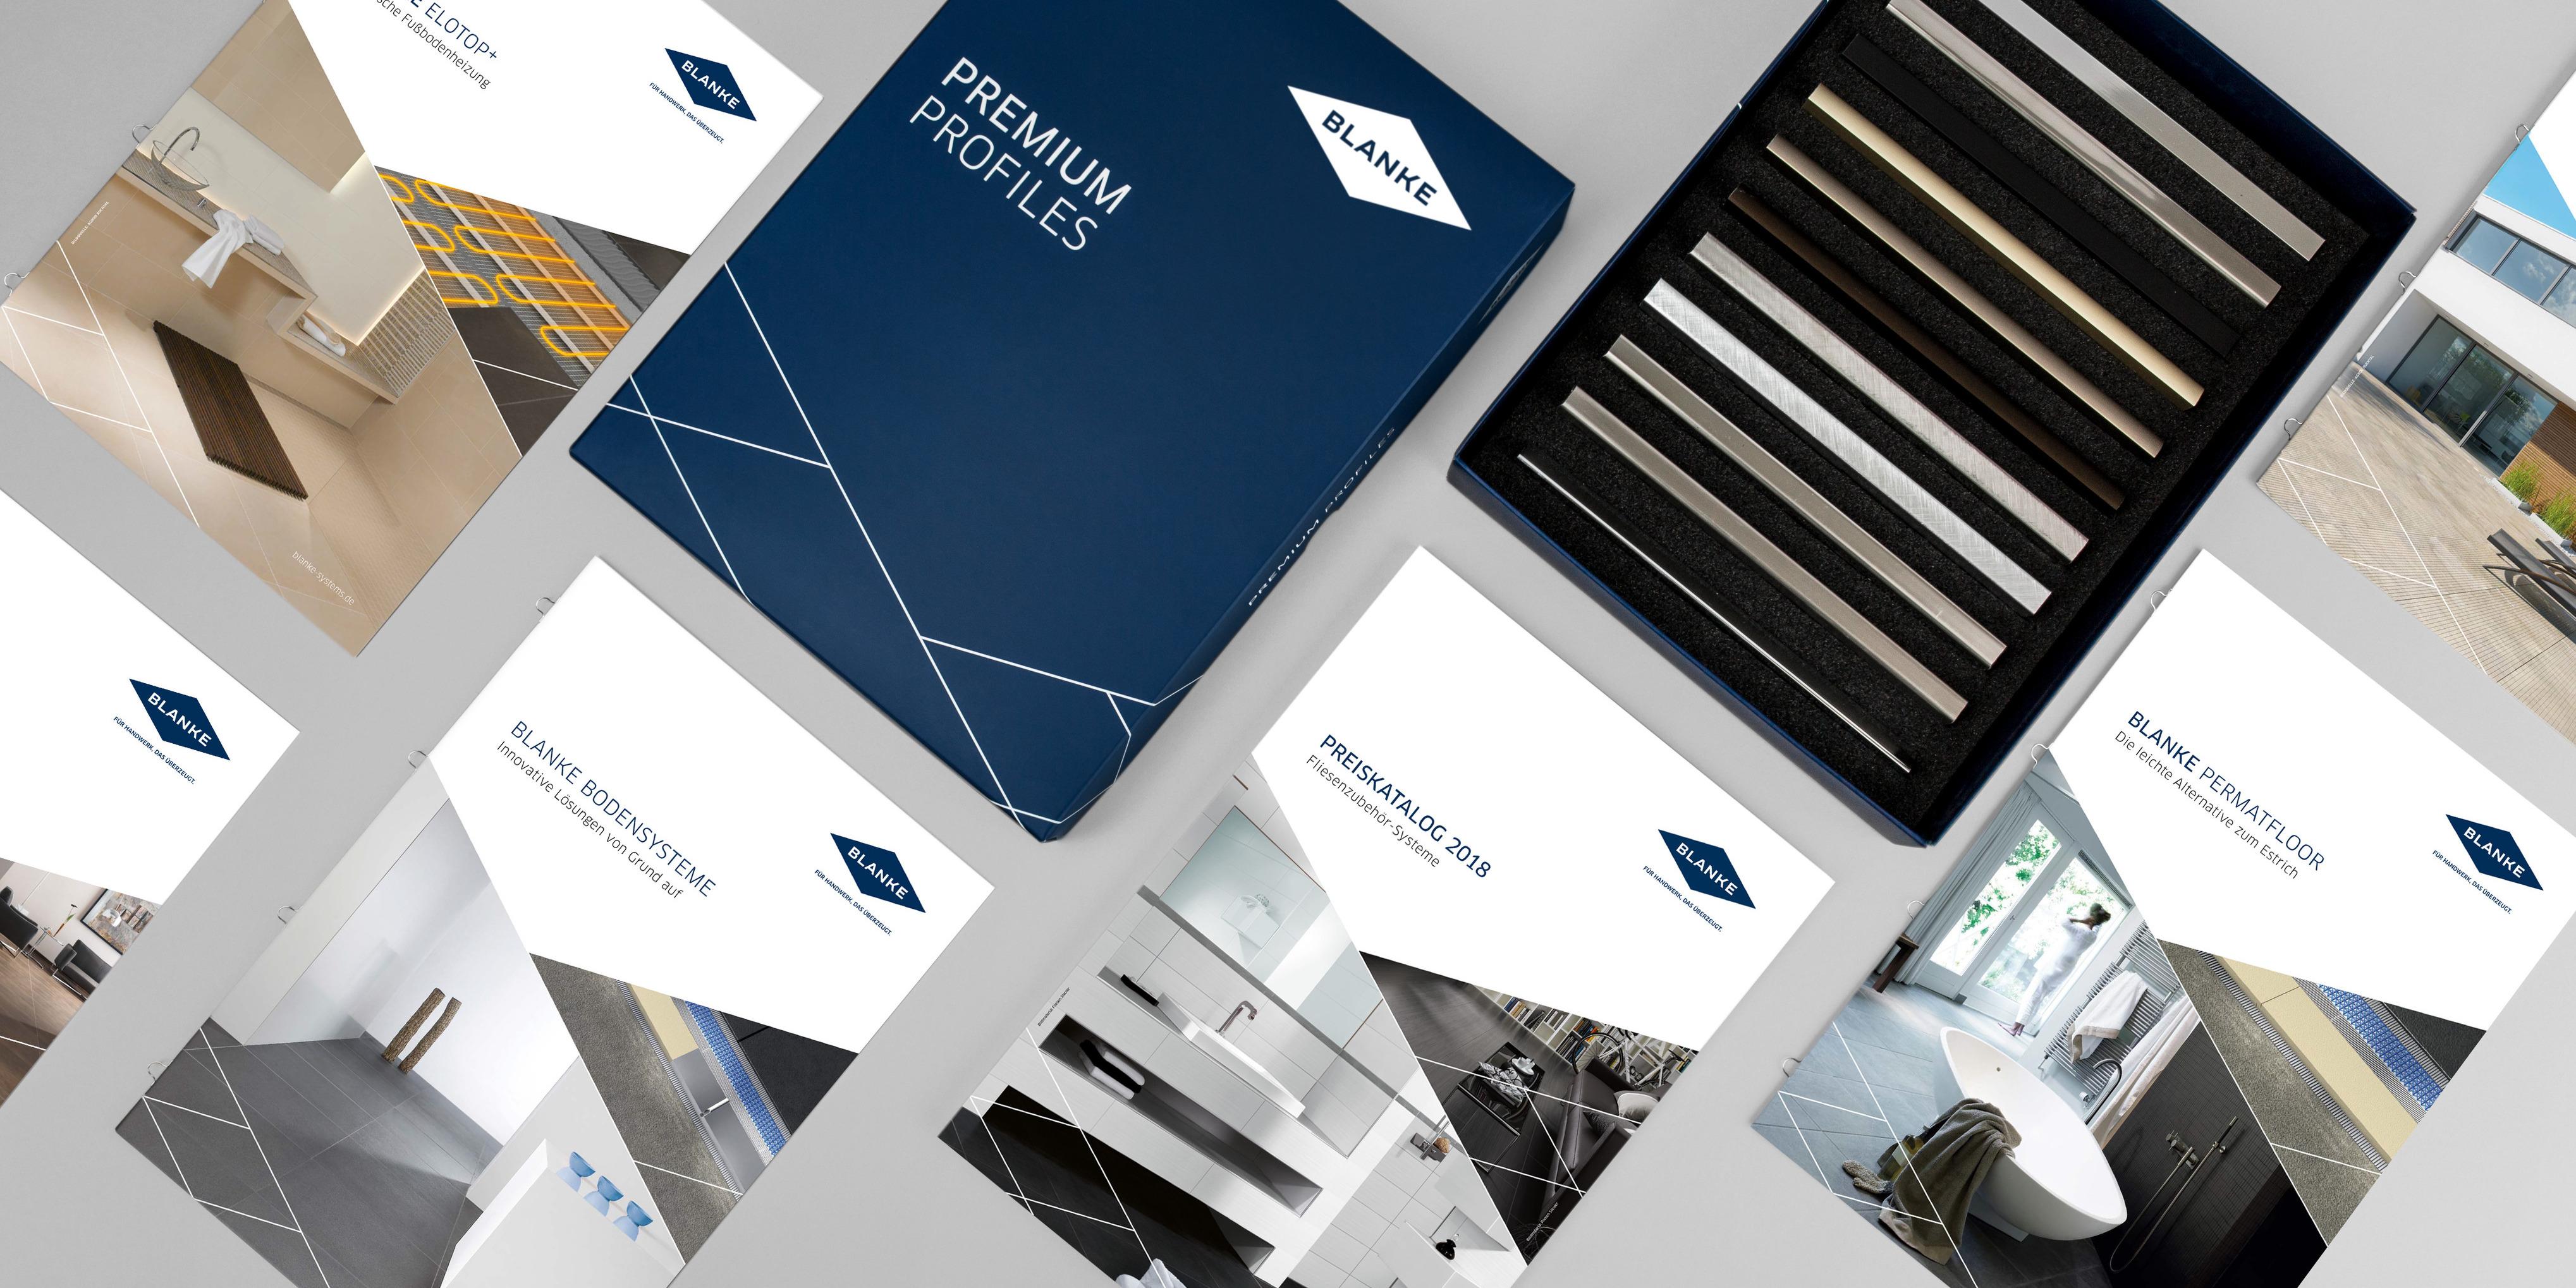 Für den neuen Blanke Unternehmensauftritt wurden verschiedene Corporate Medien entwickelt und ausgestaltet.